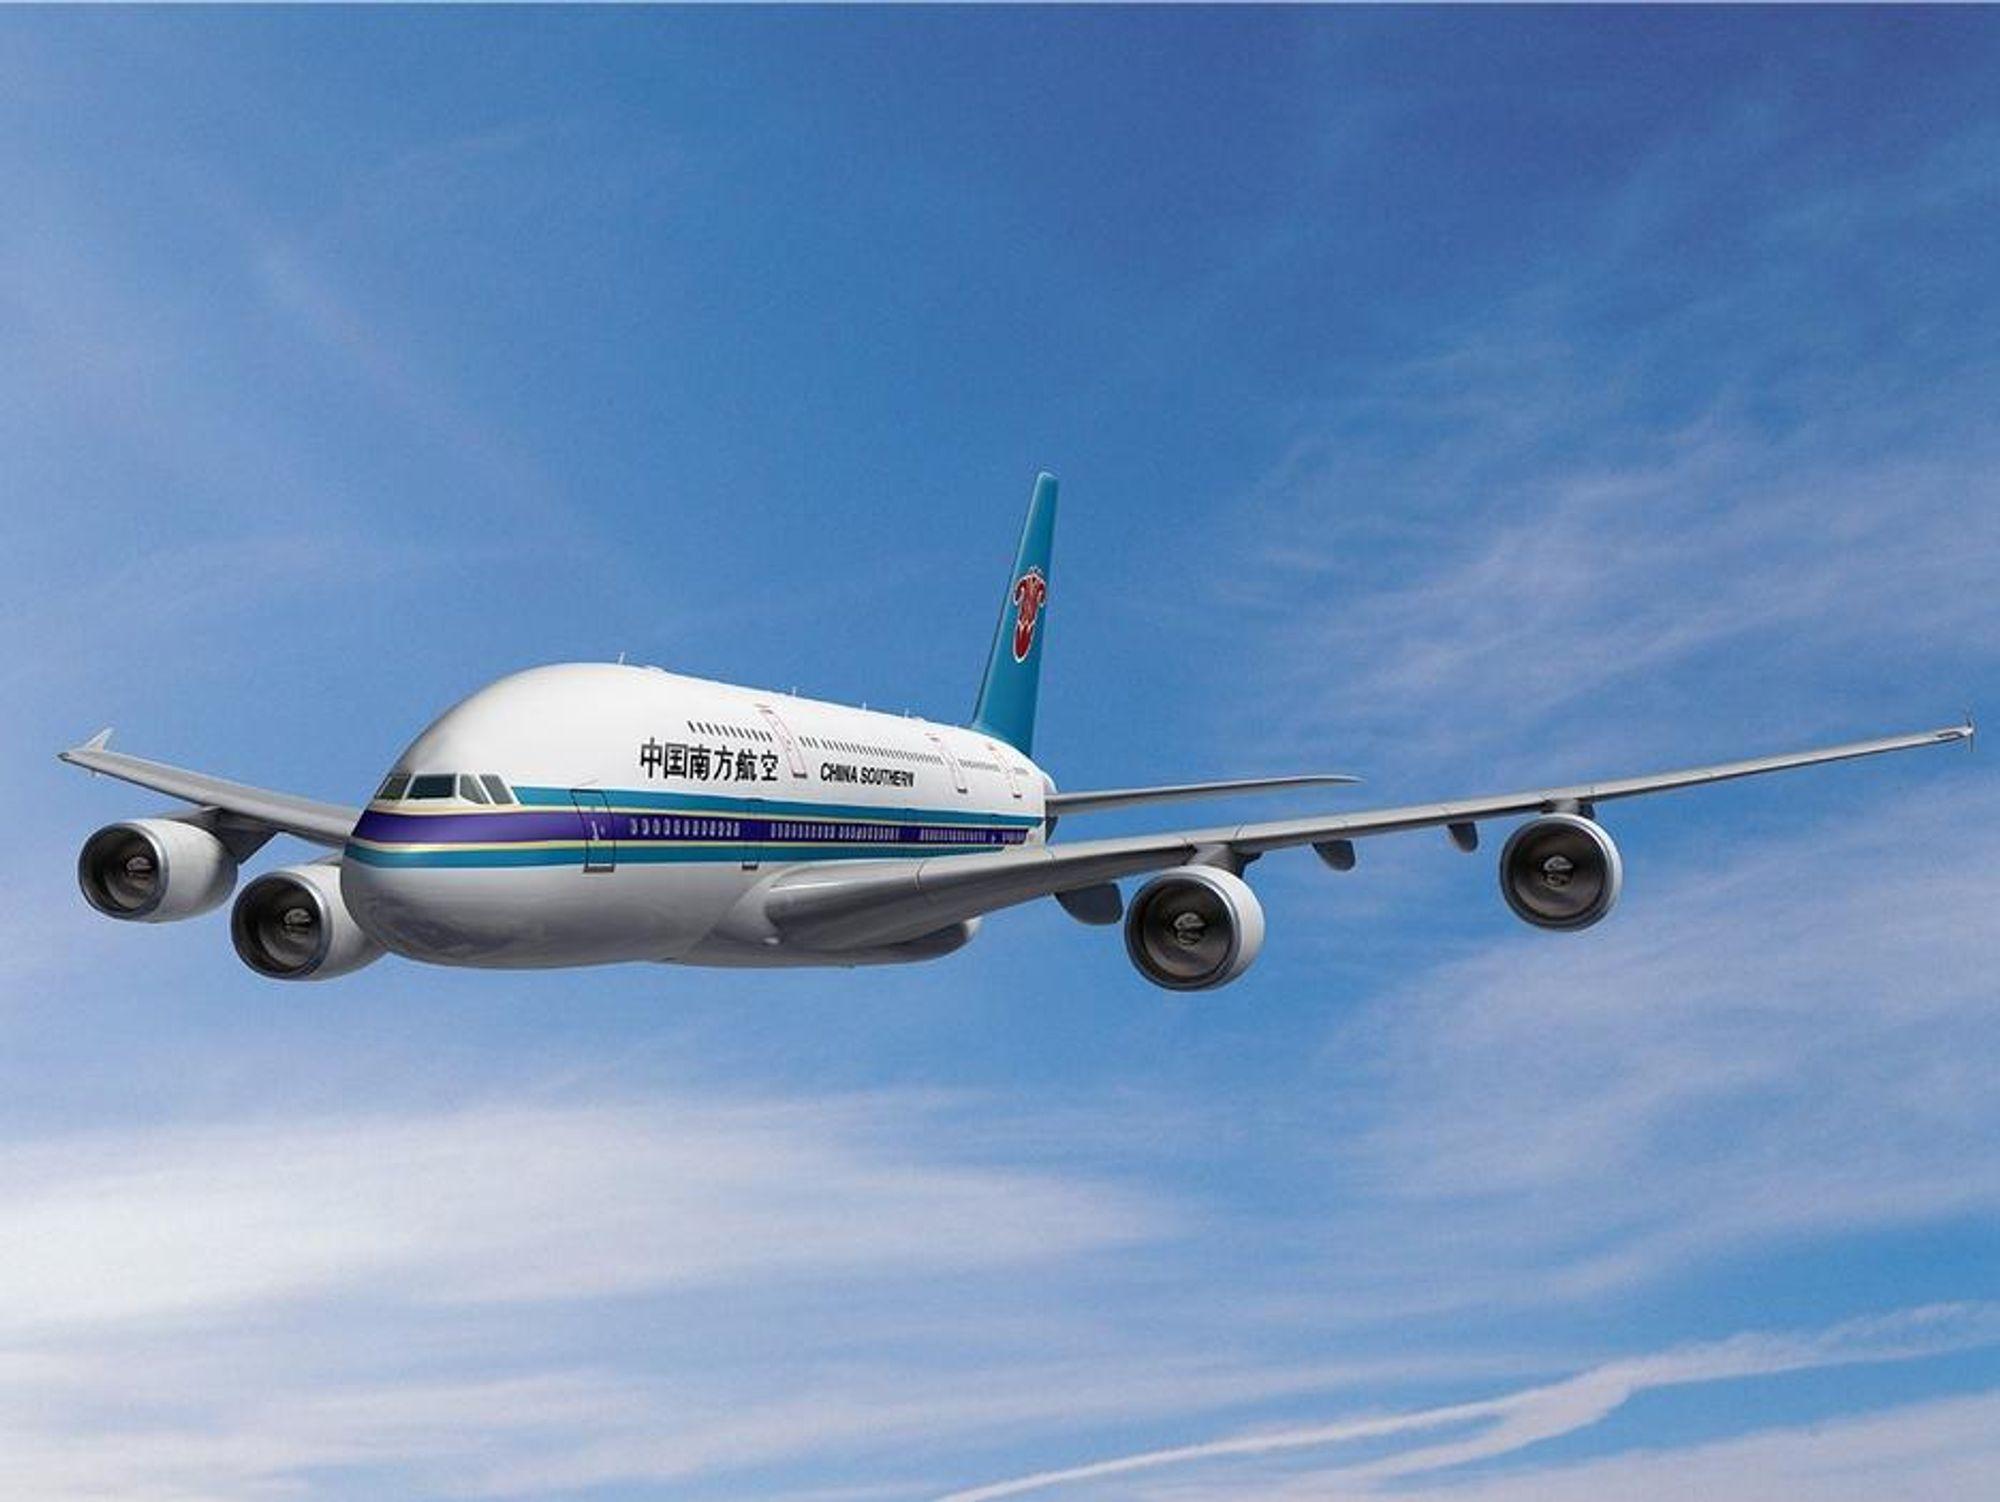 FEM  KJEMPER: China East Airlines har nettopp bestilt fem gigantfly type Airbus A380. Den europeiske flyfabrikken går nå fra seier til seier og den nye kinesiske totalordren på til sammen tretti nye fly er verd svært mye, ikke minst målt i prestisje. ILLUSTRASJON AIRBUS